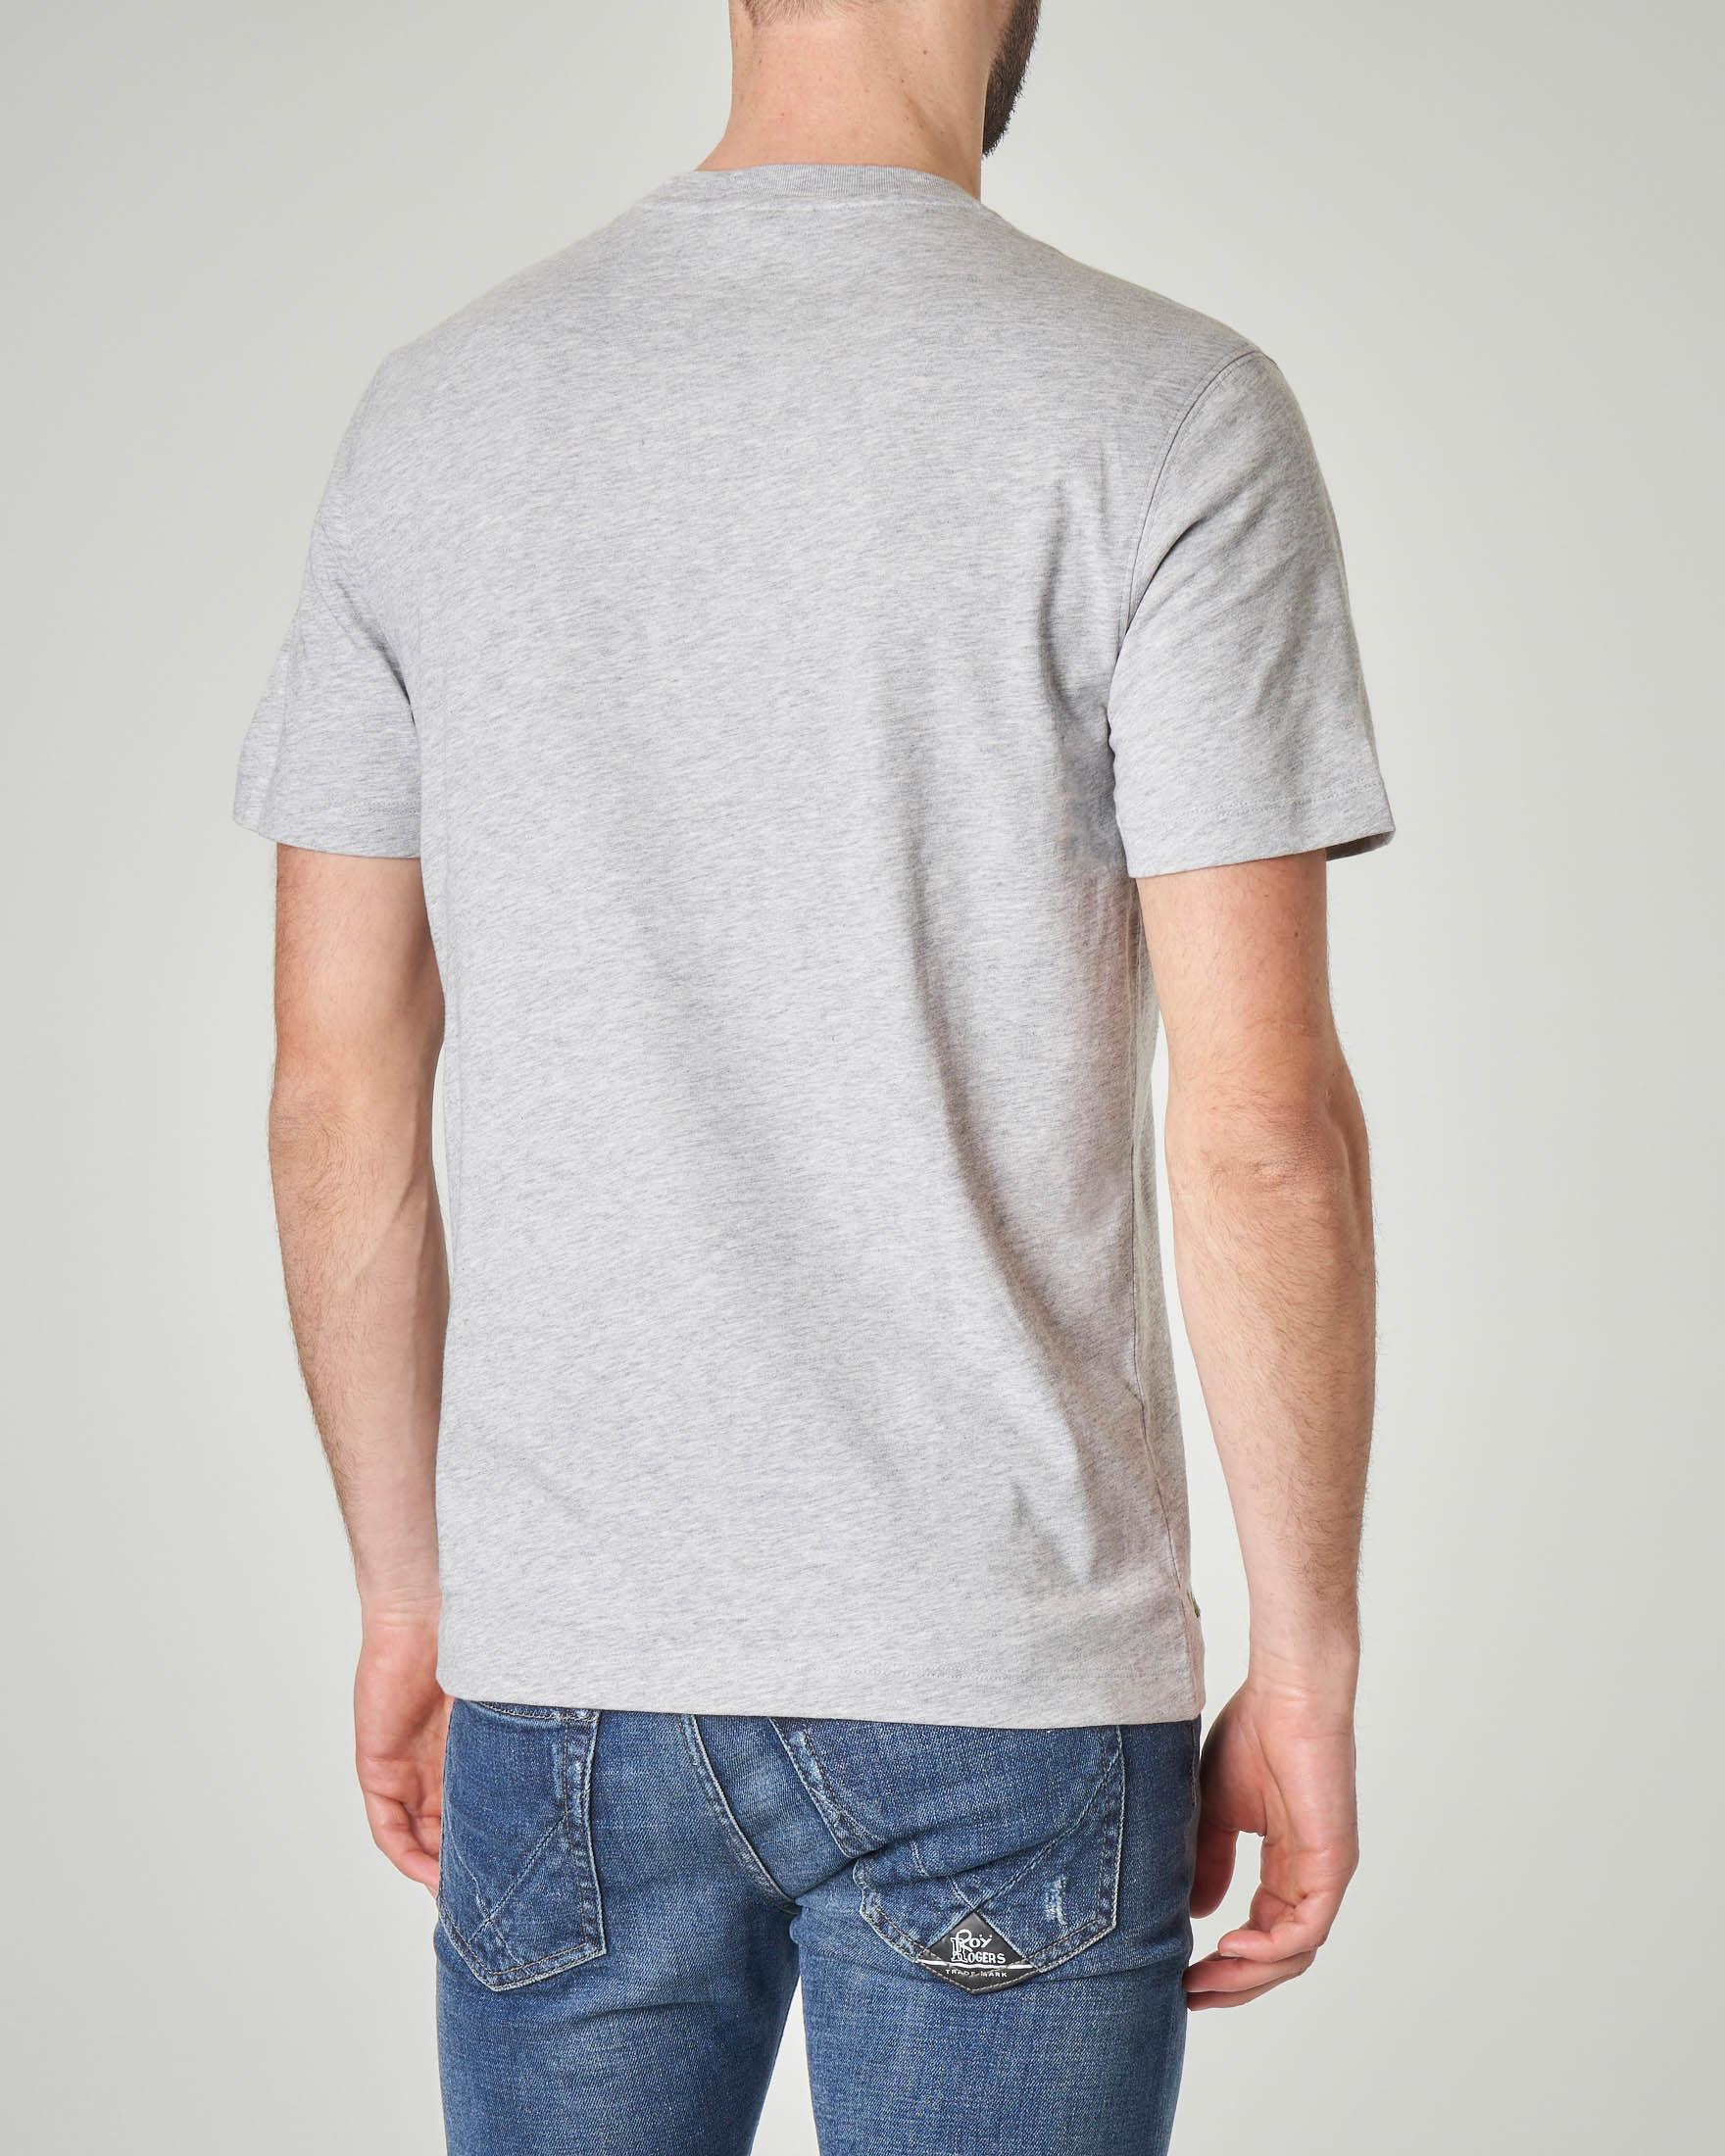 T-shirt grigio melange con logo hawaiano